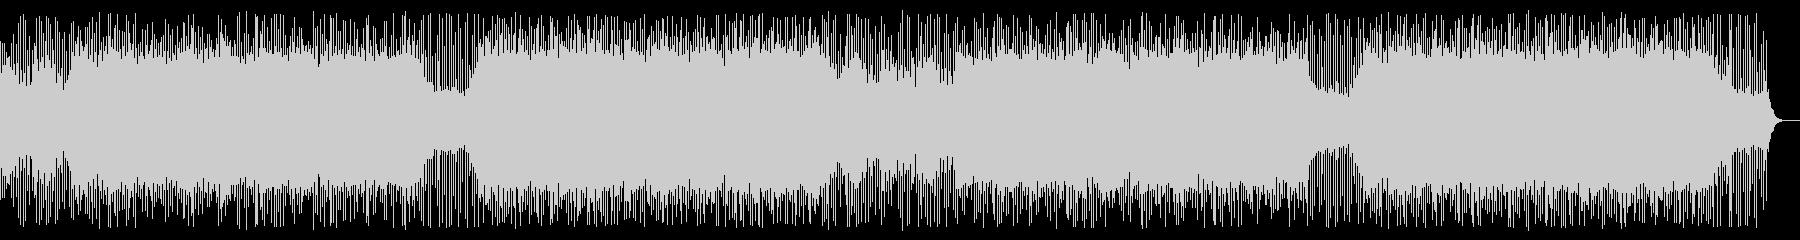 民族楽器と4つ打ちの怪しい曲-02の未再生の波形